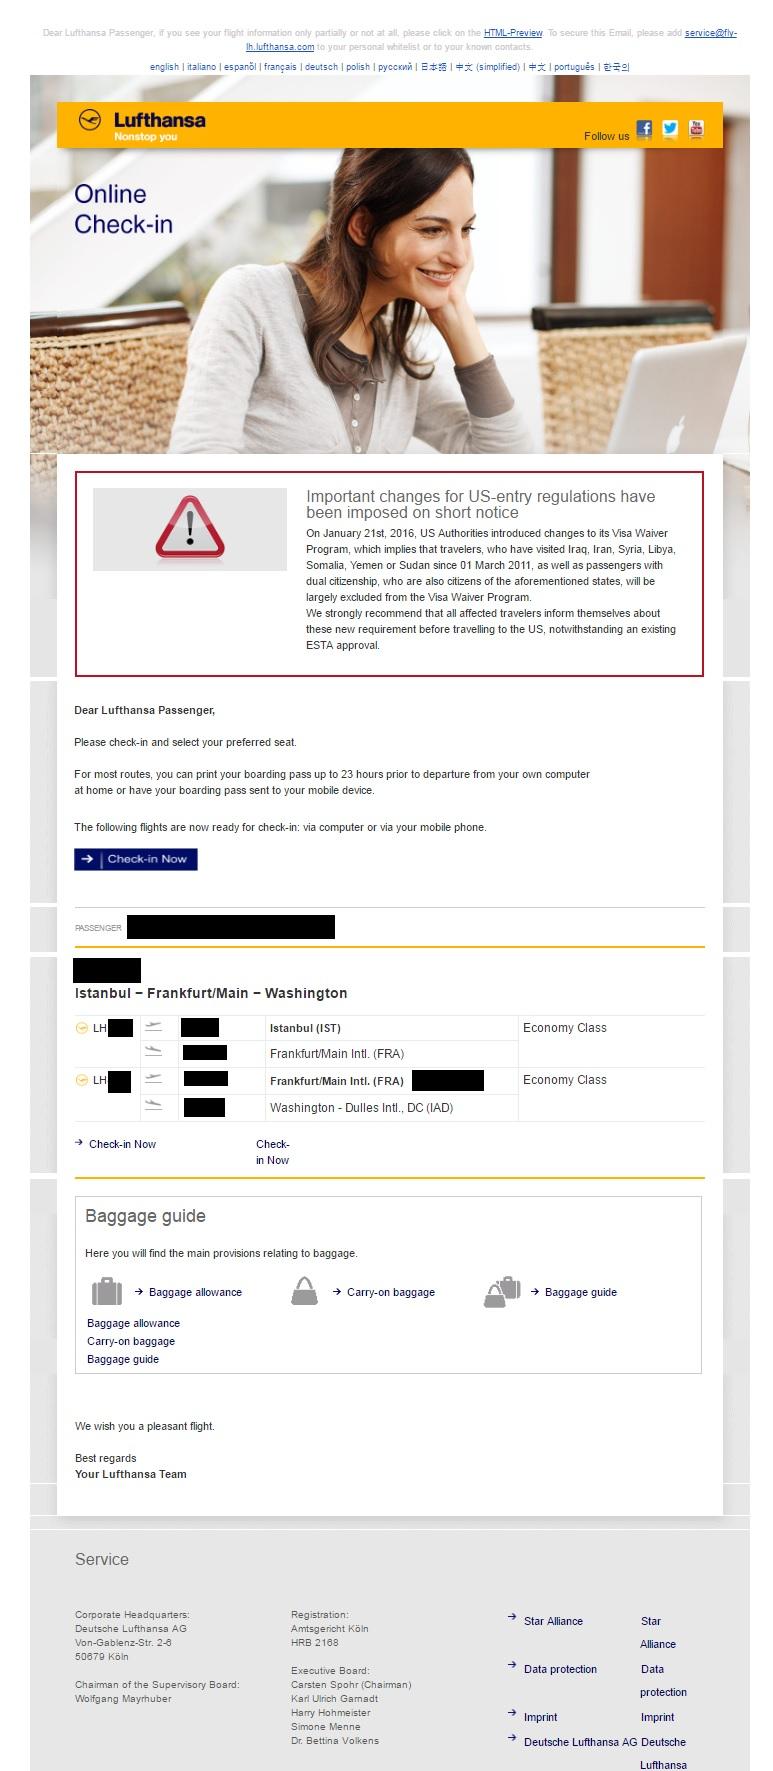 هشدار برای مسافر ایران! / وقتی آمریکاییها ایمیل تهدید آمیز می زنند!!